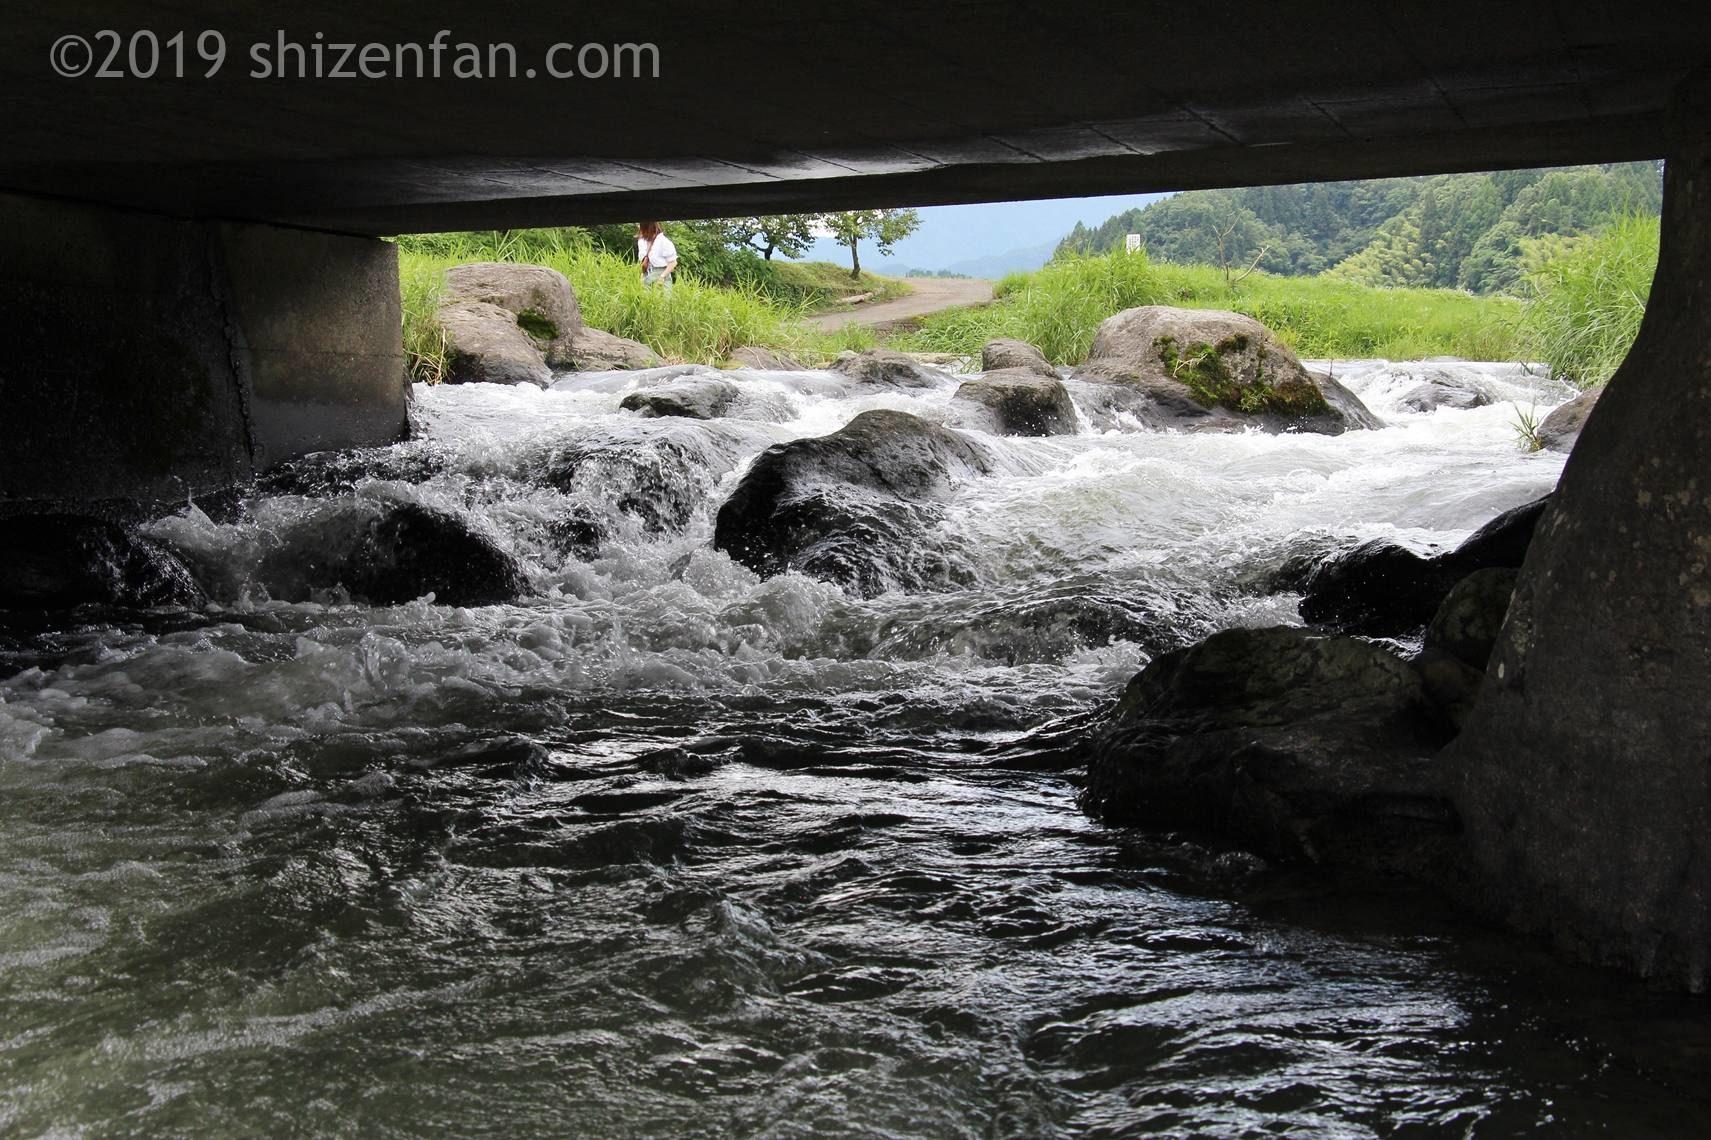 原尻の滝の上にある道路下を通る激しい水の流れ